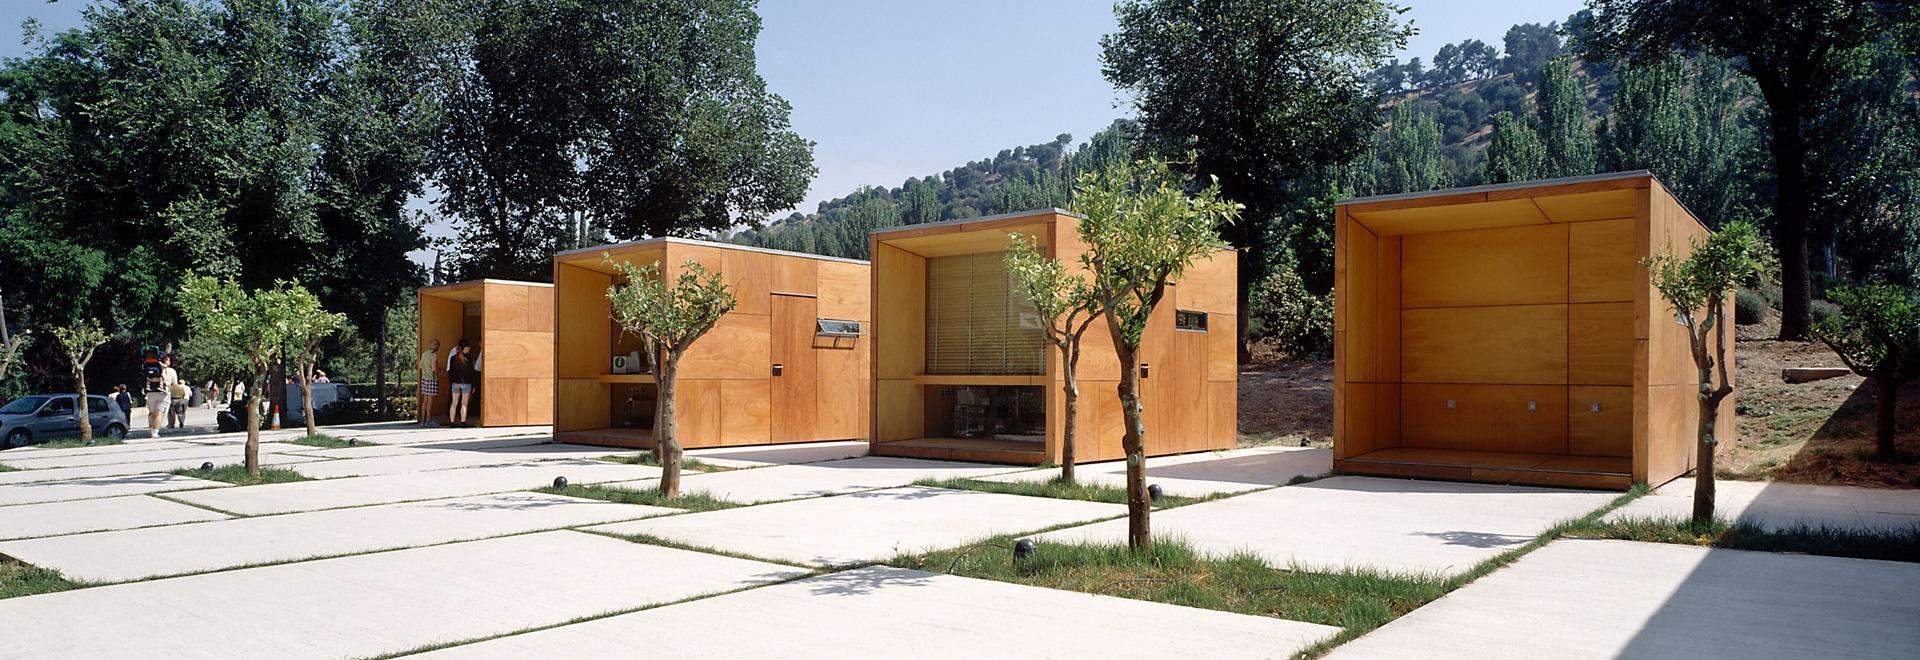 Puntos de información en La Alhambra